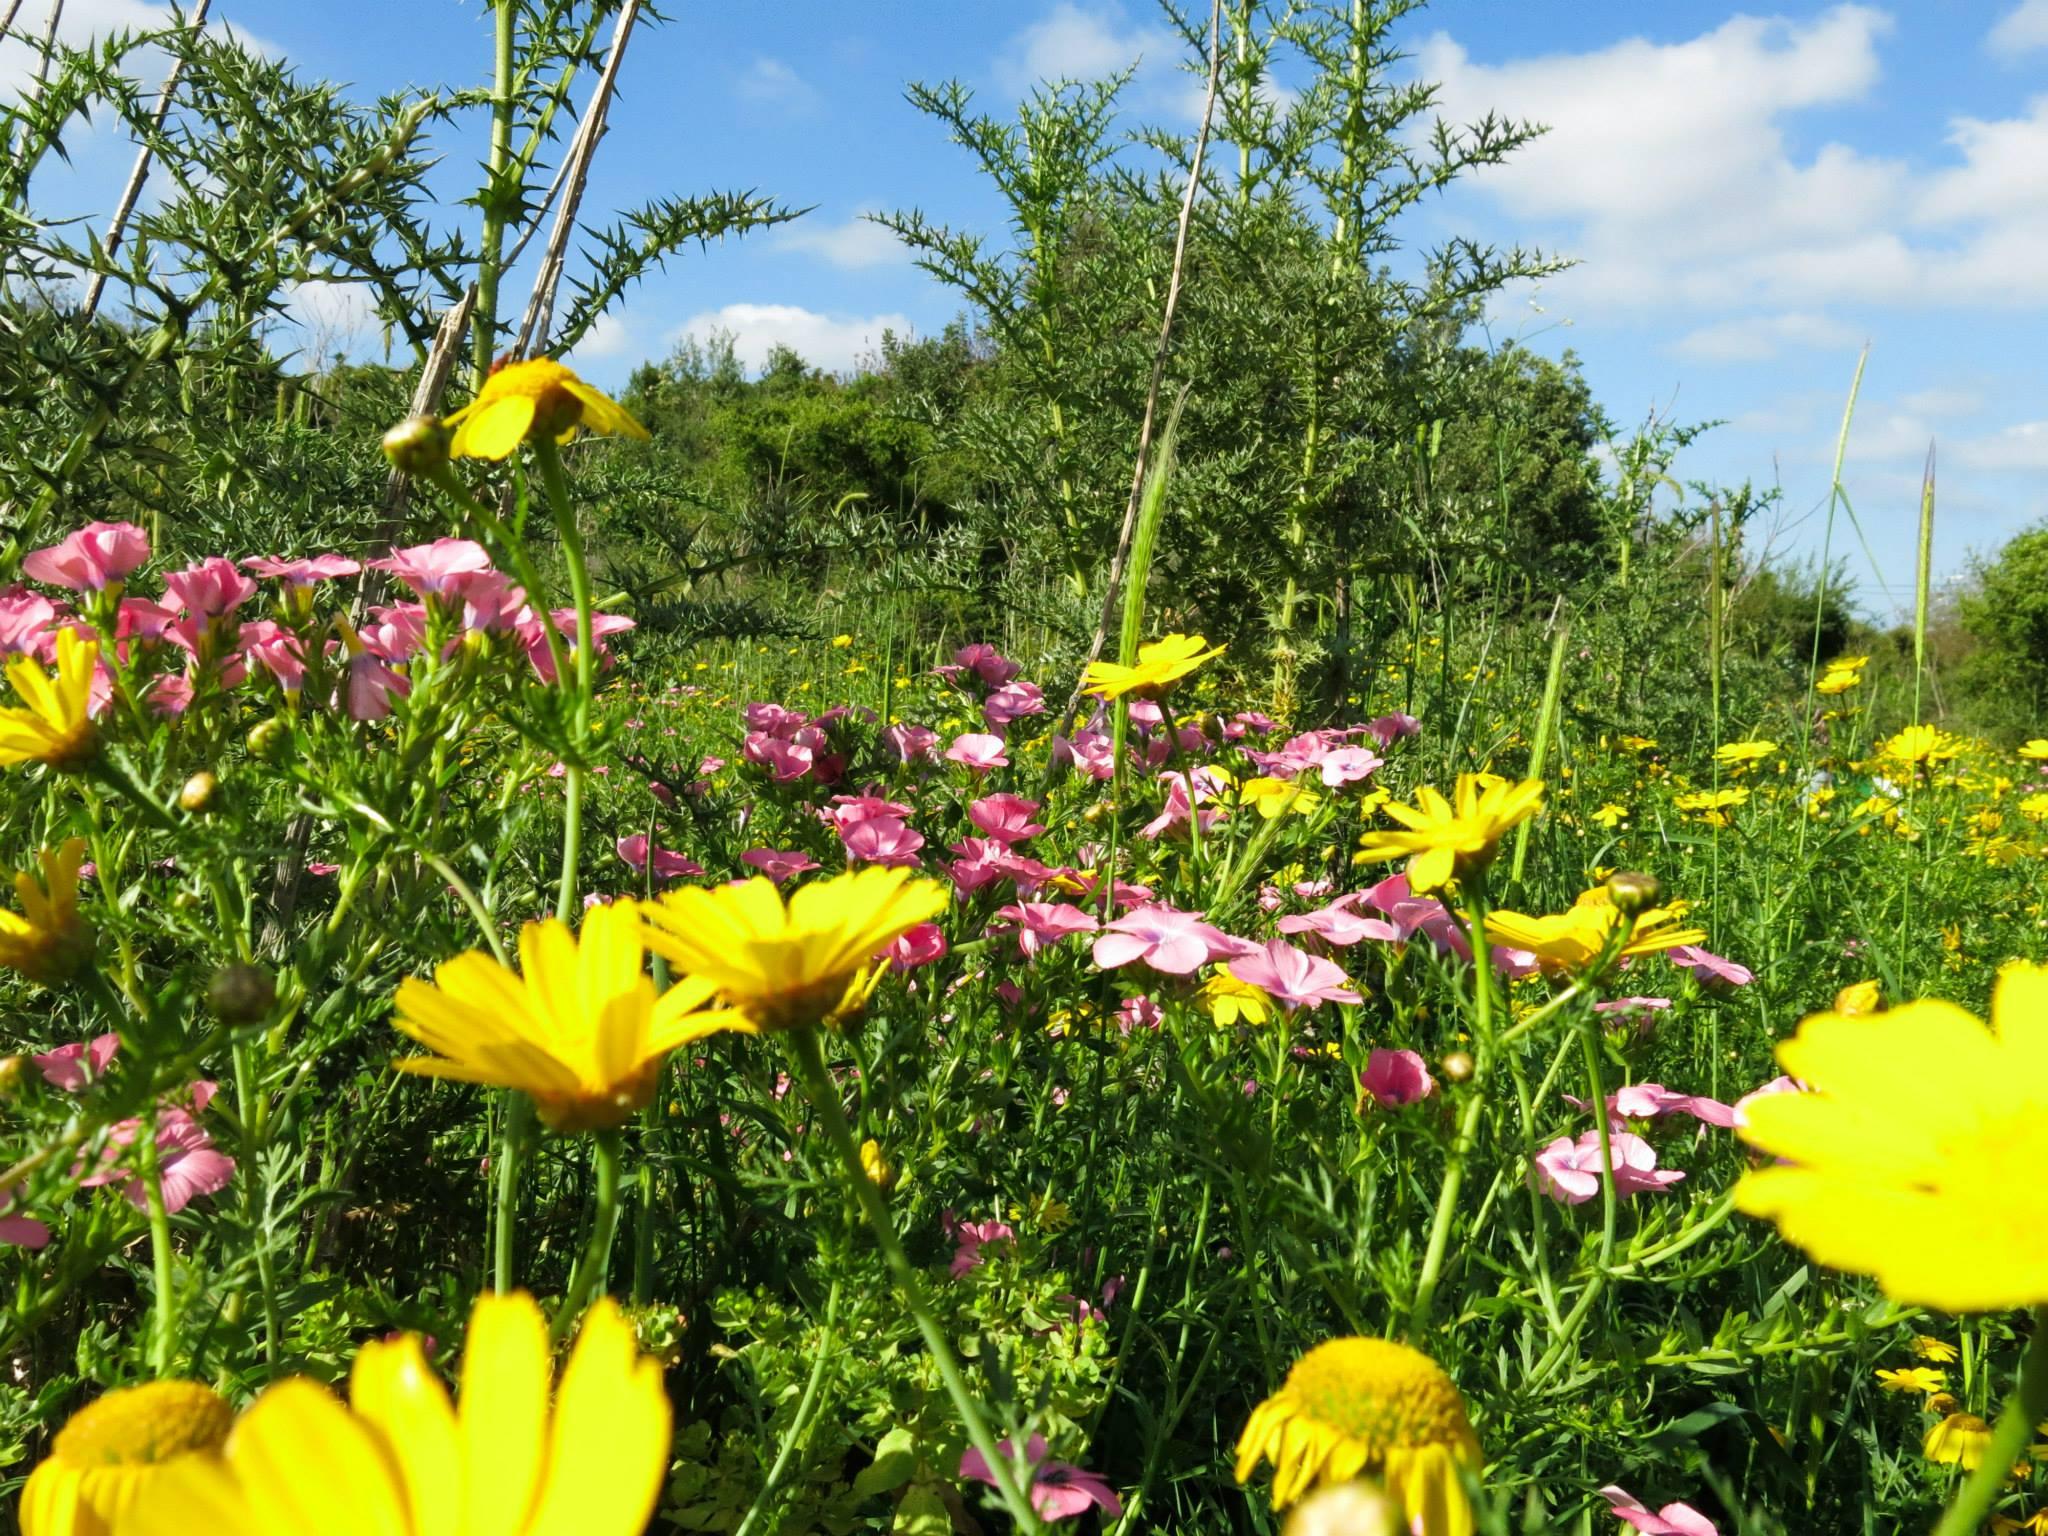 Spring flowers AmitaiAsif